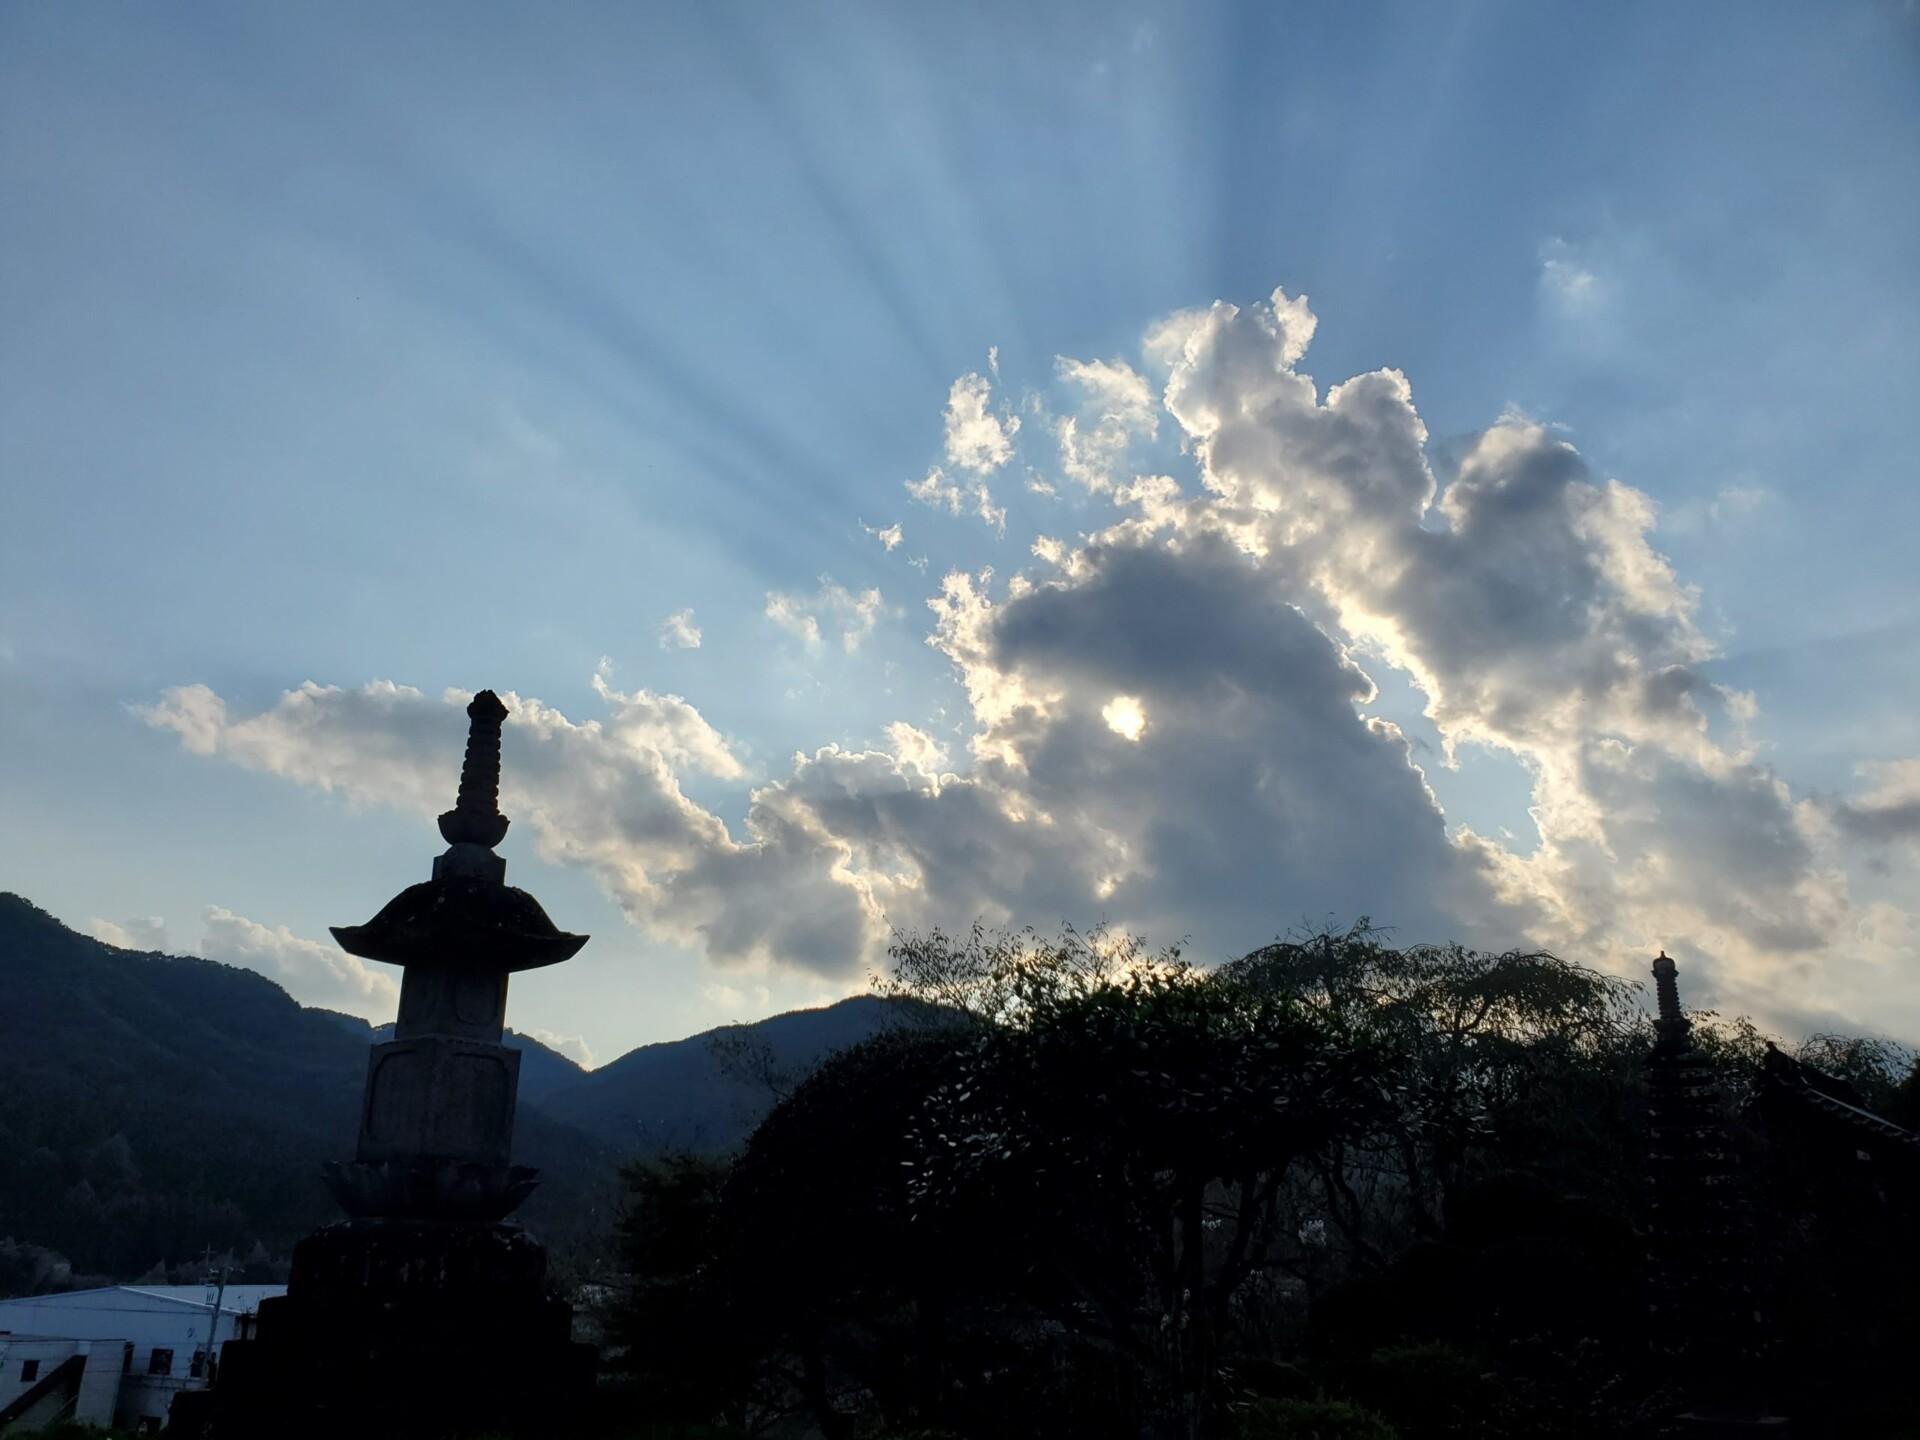 境内から望む、夕日を浴びて後光のように輝く雲